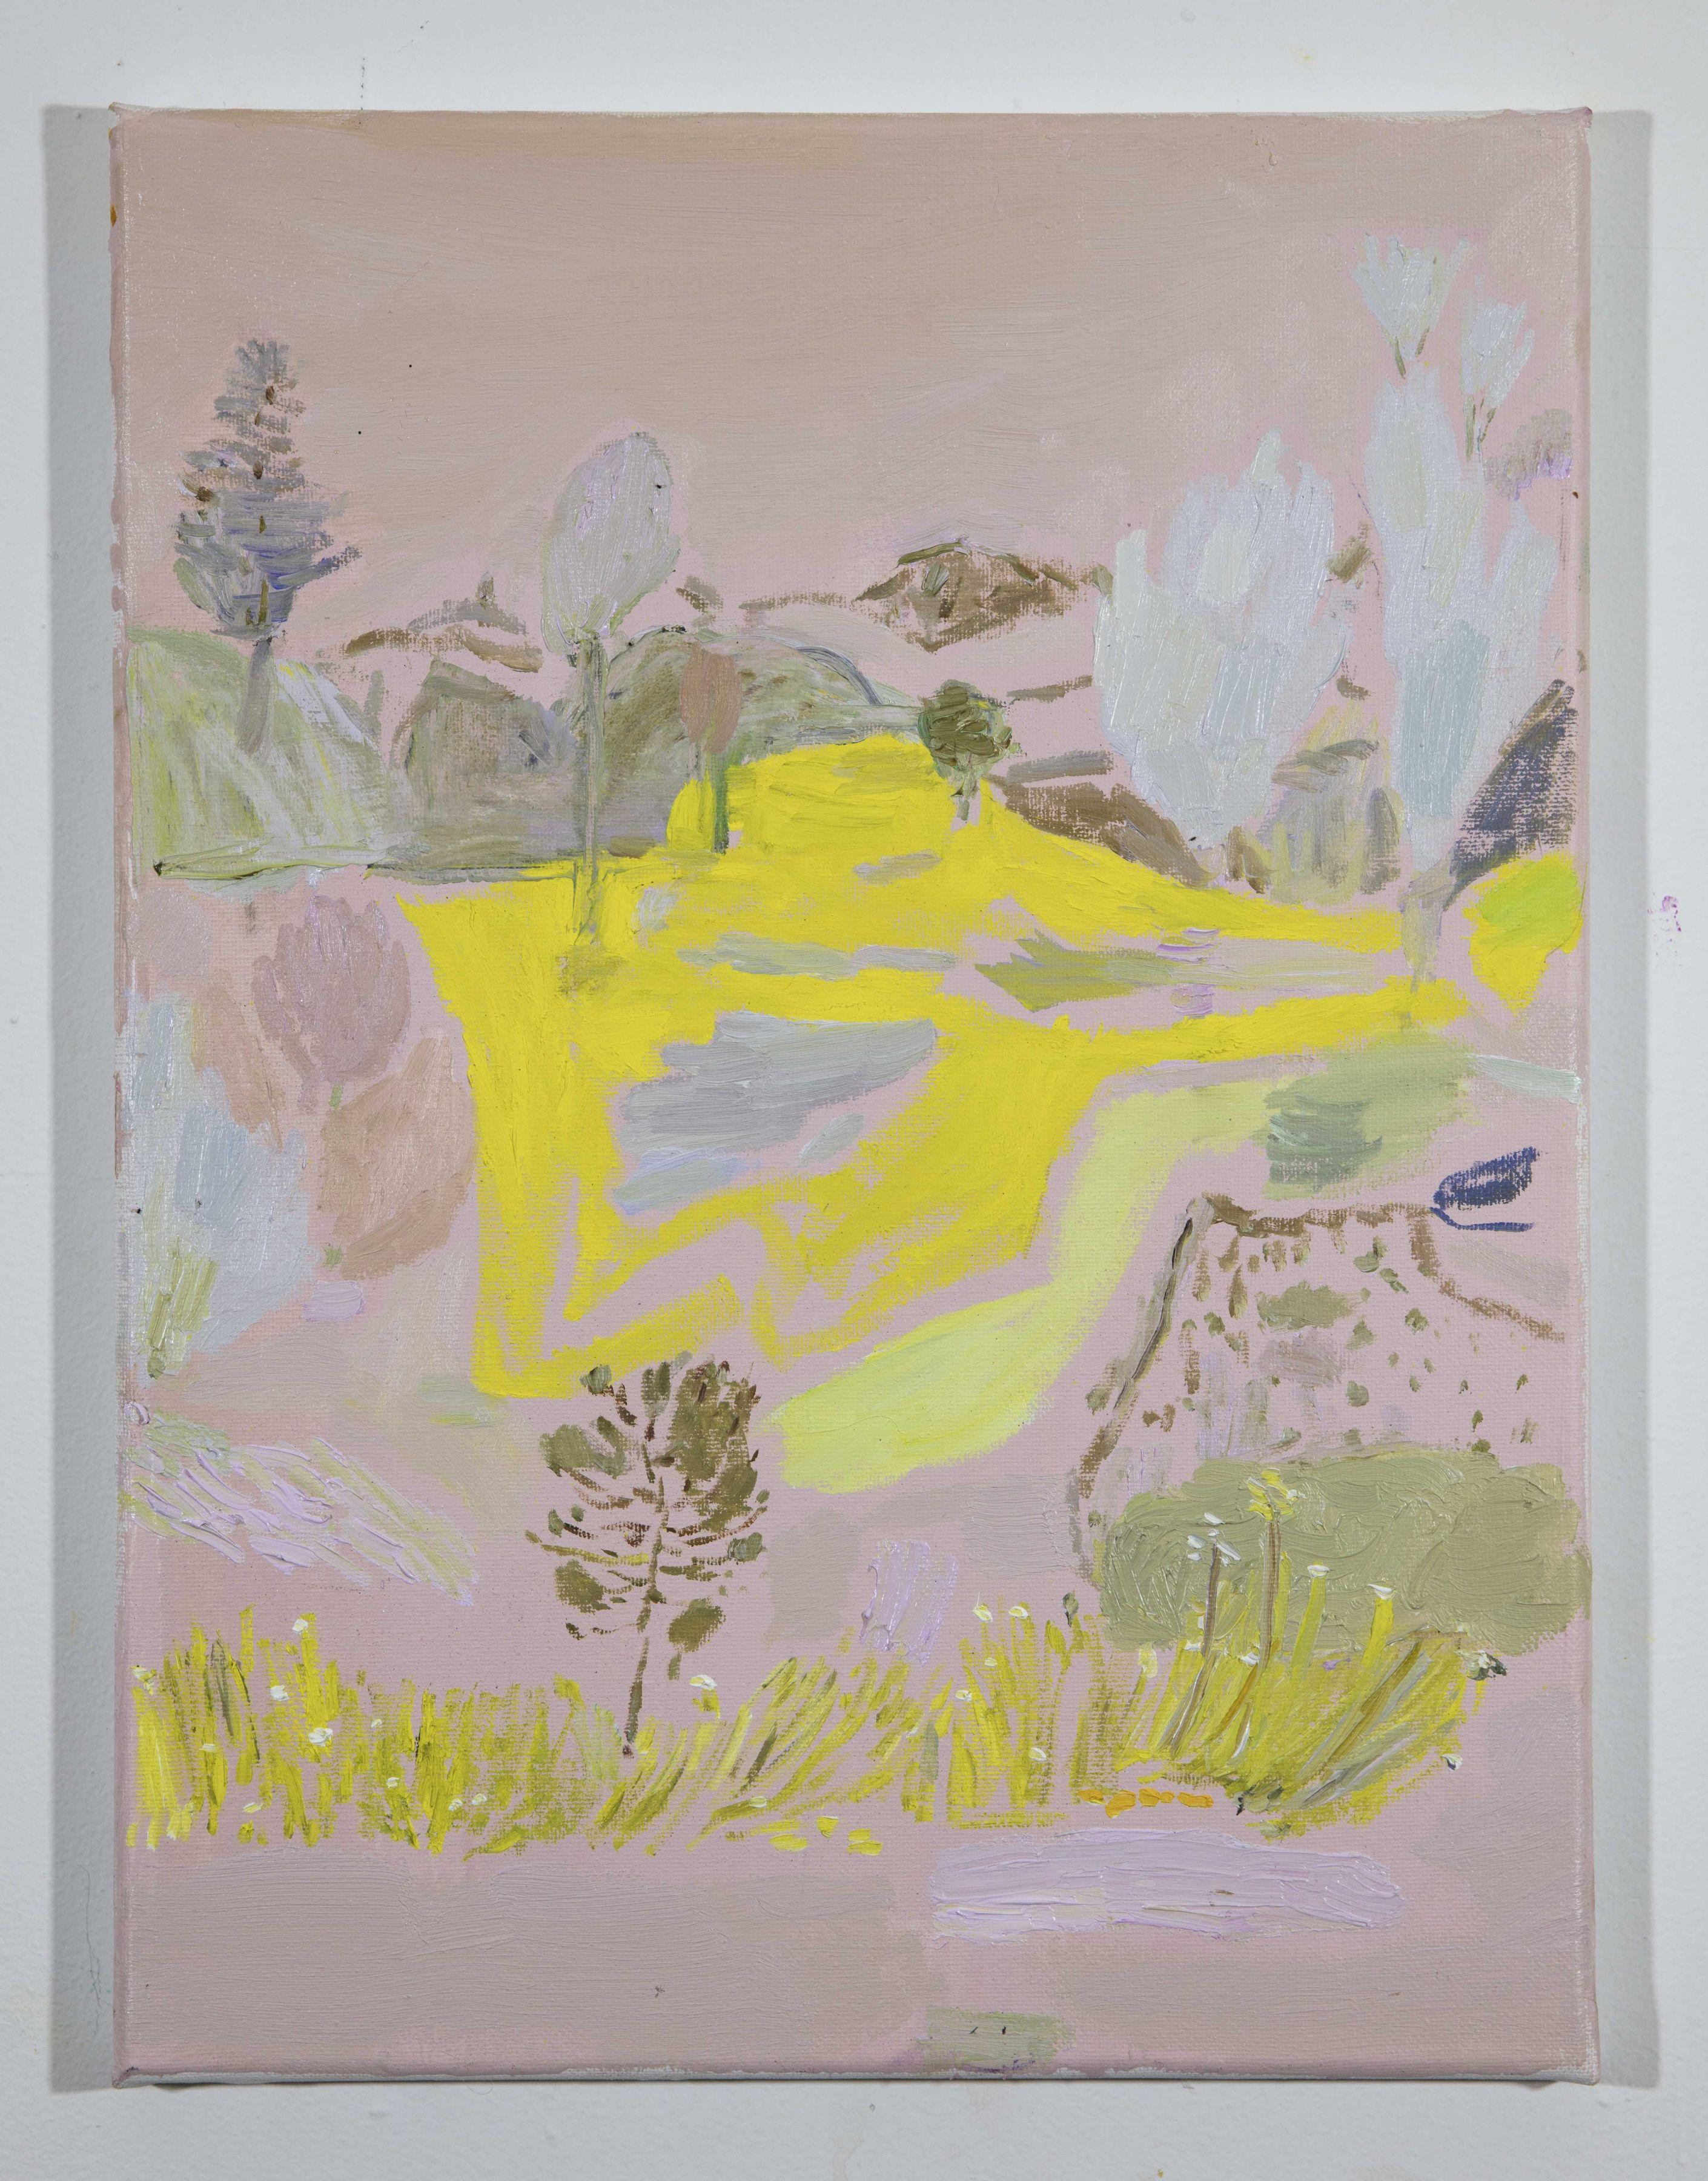 LISA SANDITZ, Landscape Color Study 9, 2019